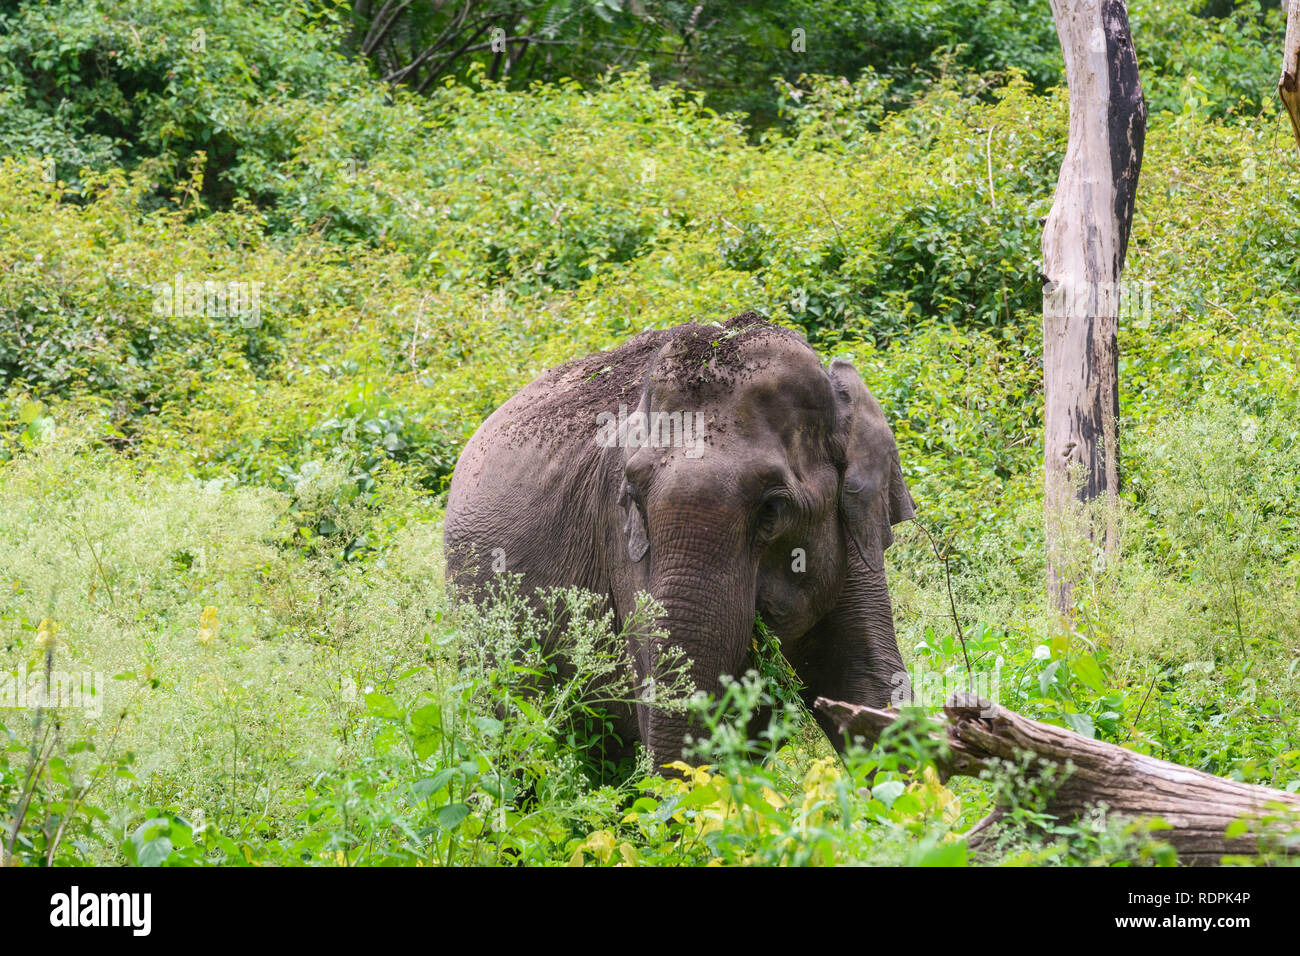 Indian Elephant, Elephas maximus, Bandipur National Park and Tiger Reserve, Karnataka, India - Stock Image